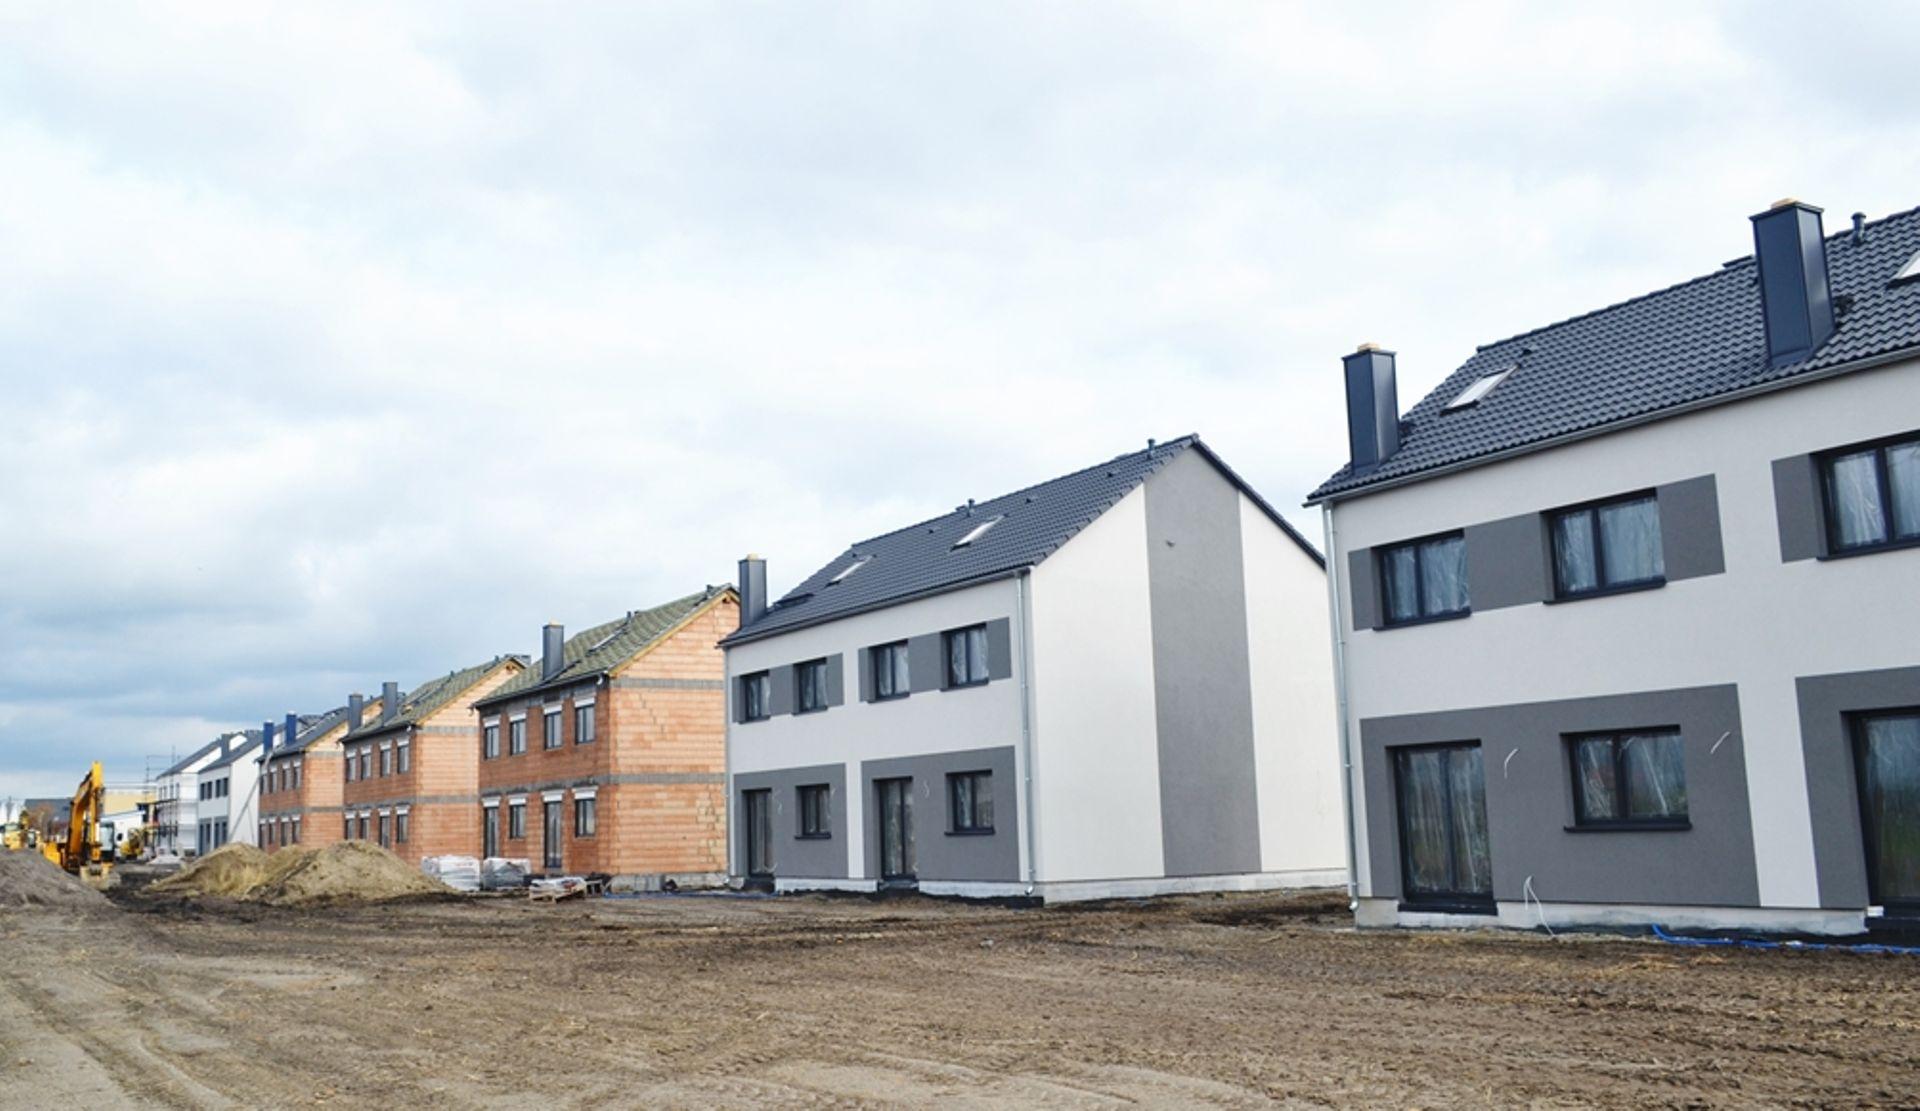 [wielkopolskie] Osiedle Zielone Rabowice II pod Poznaniem budowane jest w trzech etapach